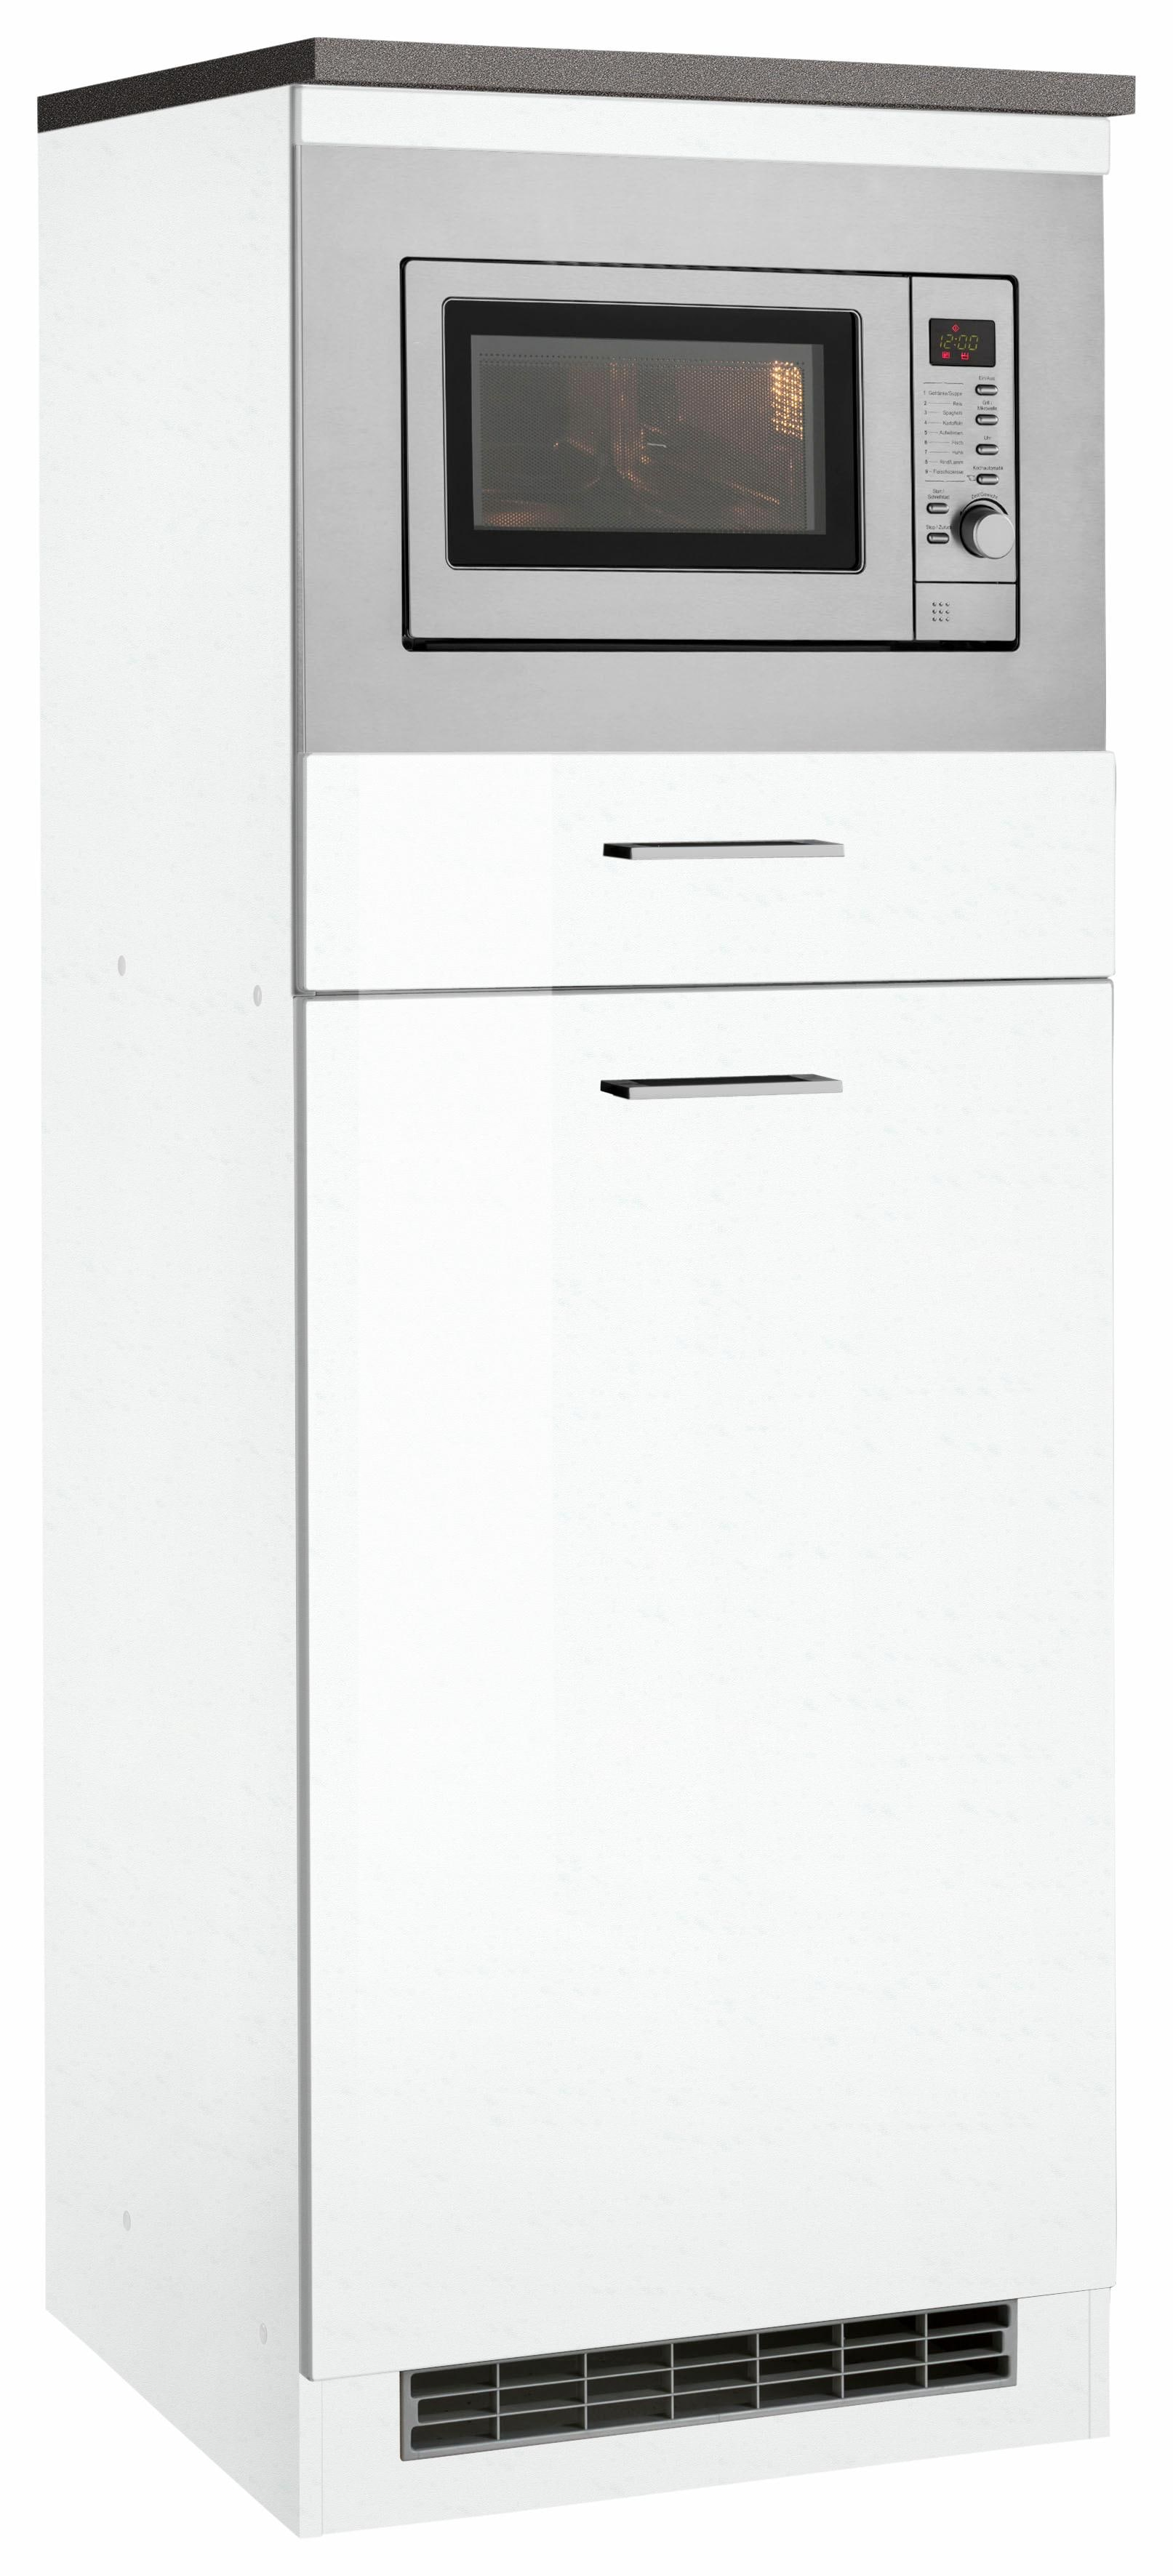 HELD MÖBEL Mikrowellenumbauschrank Graz inkl Mikrowelle | Küche und Esszimmer > Küchenelektrogeräte > Mikrowellen | Weiß | Held Möbel